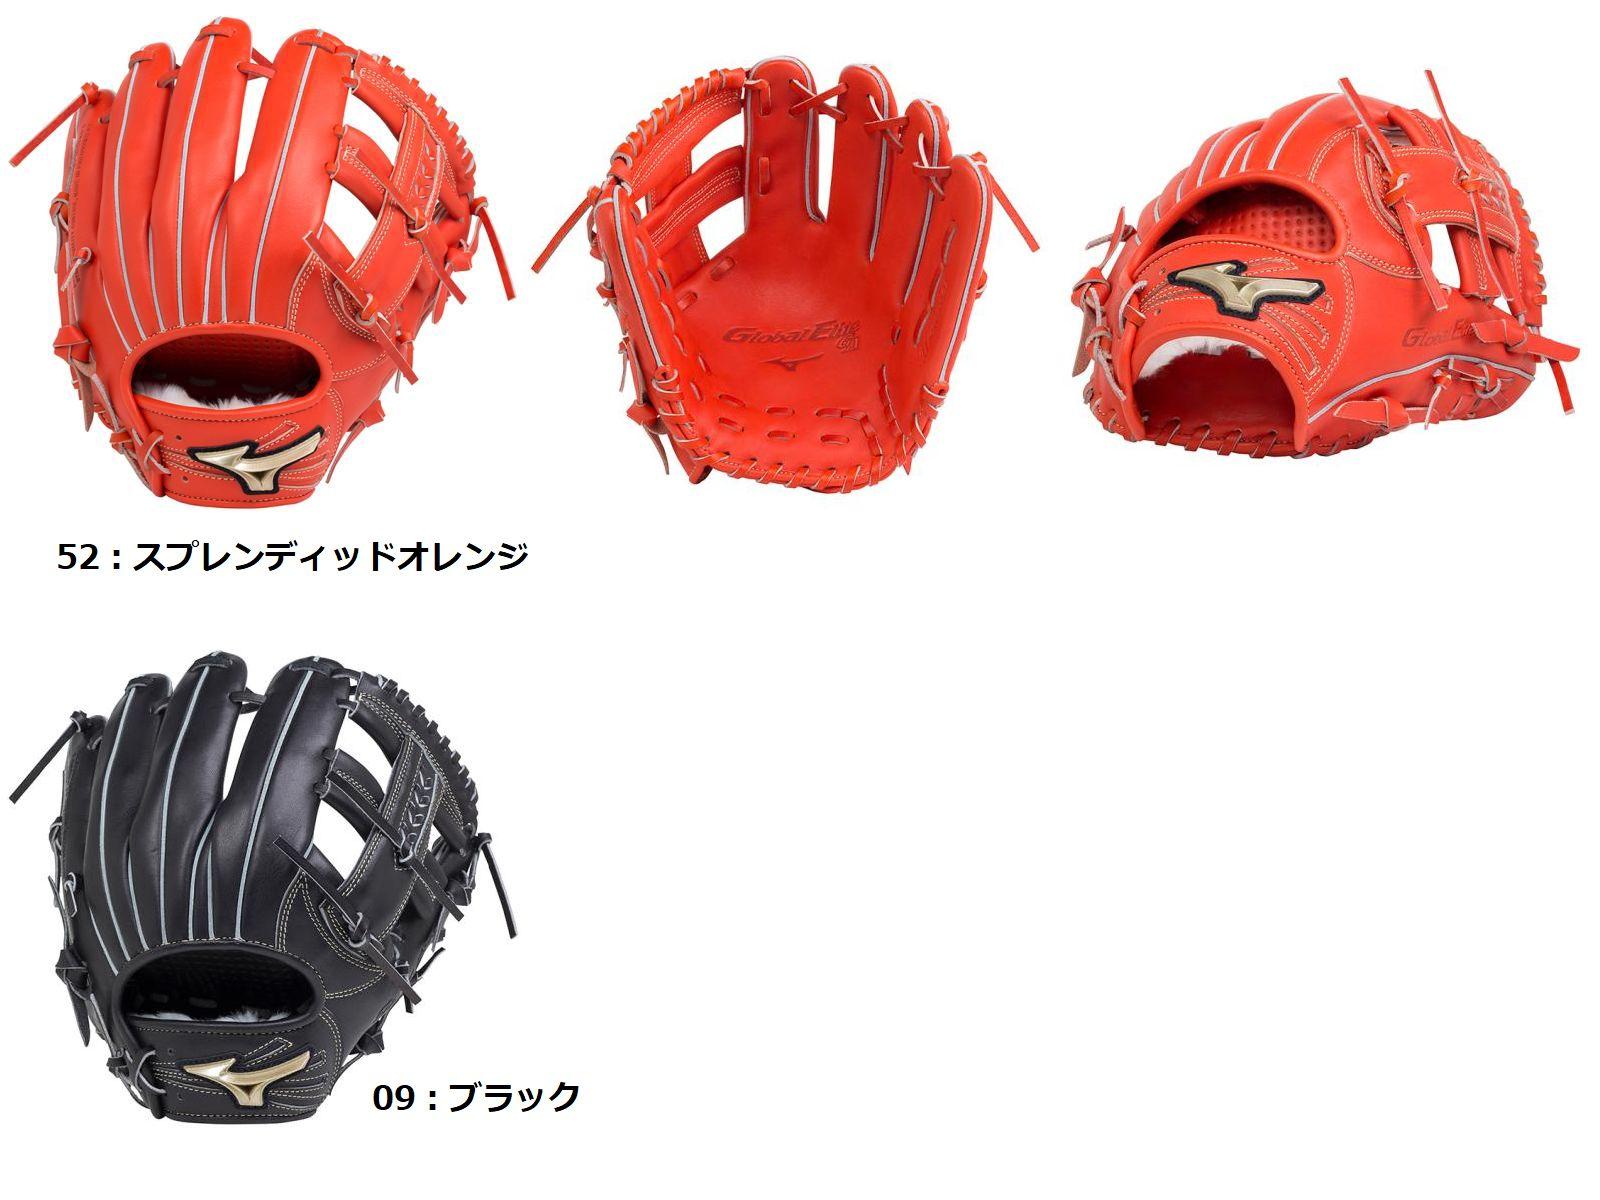 【Mizuno Global Elite=ミズノグローバルエリート】【Hselection02】野球 ソフトボール(1号・2号・3号) ゴールデンエイジ軟式用 グラブ グローブ【内野手用/サイズGA9】(10~14歳向け)【カラー:2色展開】(右投用のみ)